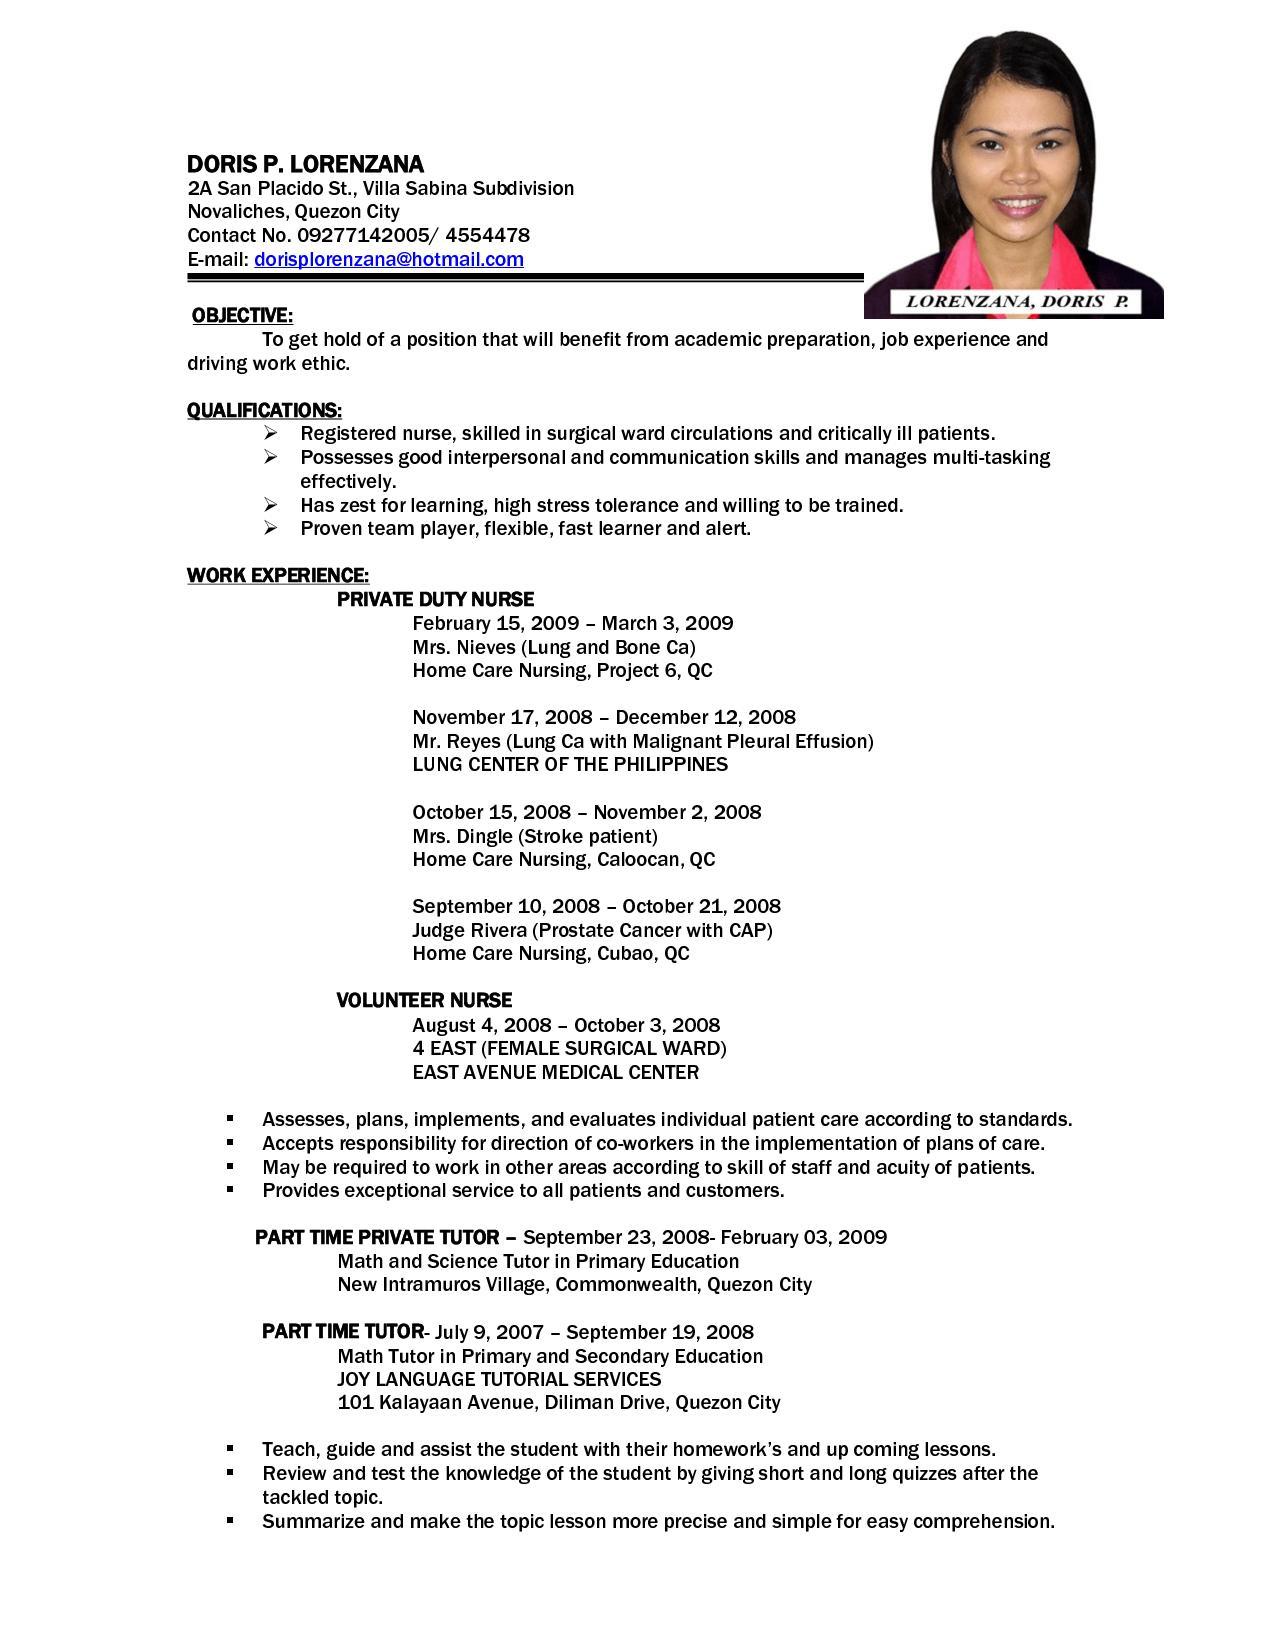 Sample Resume Staff Nurse Philippines - Templates #31357